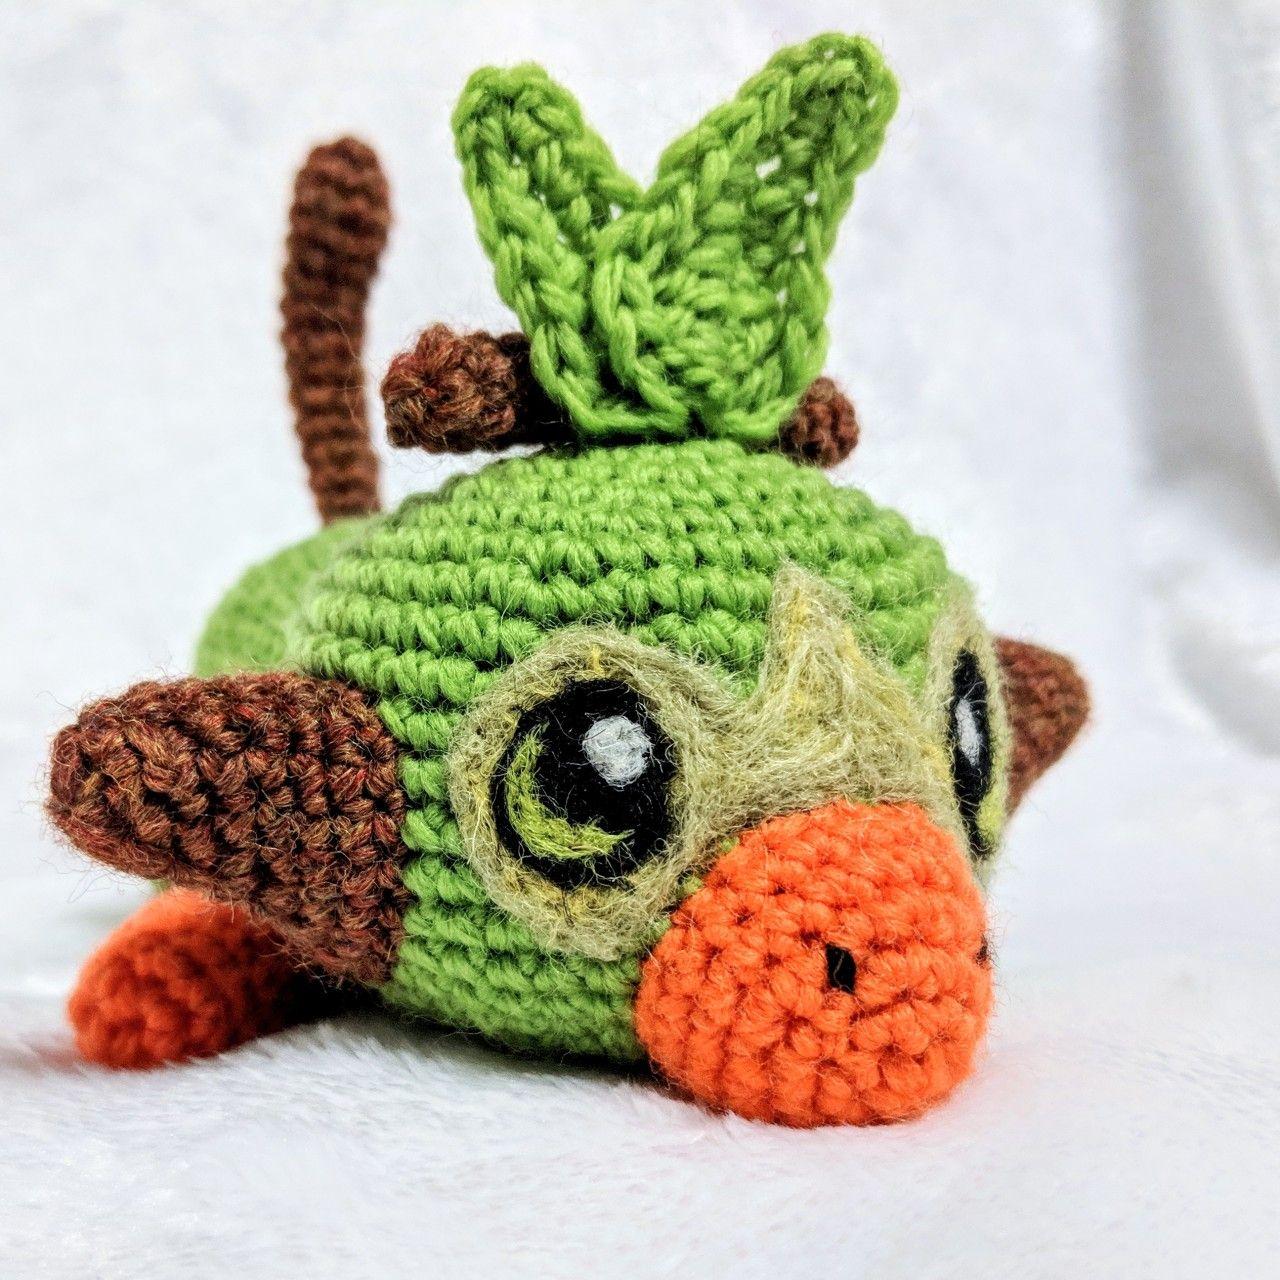 Pokemon Amigurumi Pokeball Crochet Pattern | Häkeln spielzeug ... | 1280x1280